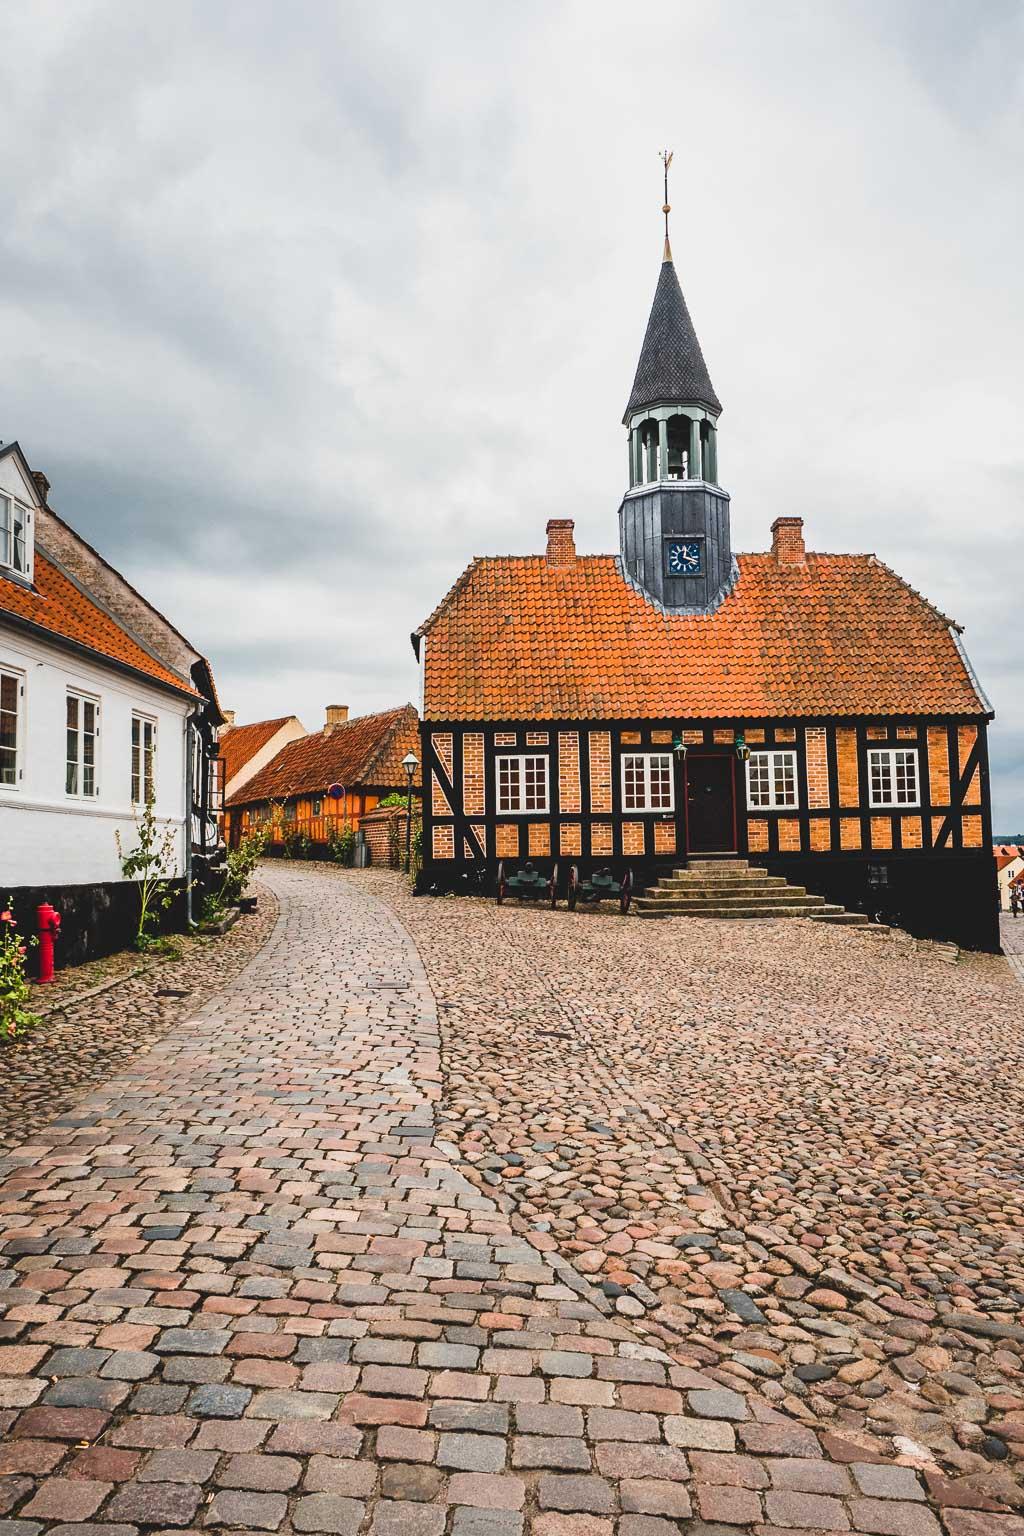 Altes Rathaus in der Altstadt von Ebeltoft Urlaub in Djursland: Ausflugsziele und Sehenswürdigkeiten rund um Ebeltoft Dänemark